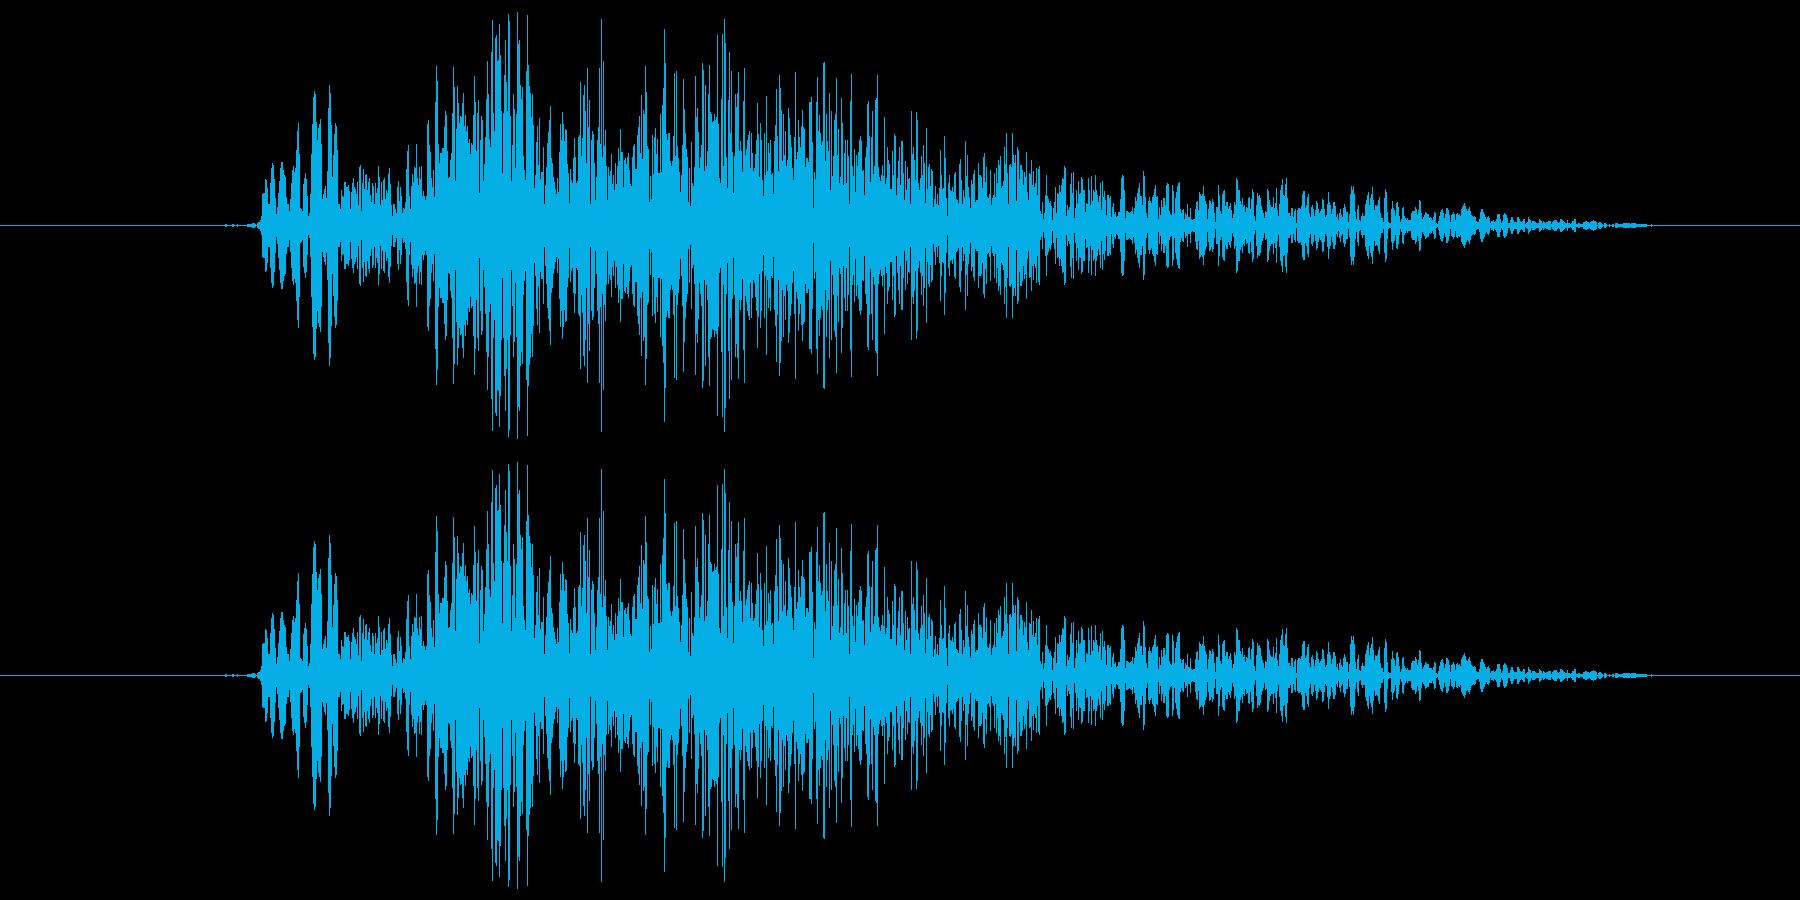 シューティング ショット音 5段階の1の再生済みの波形